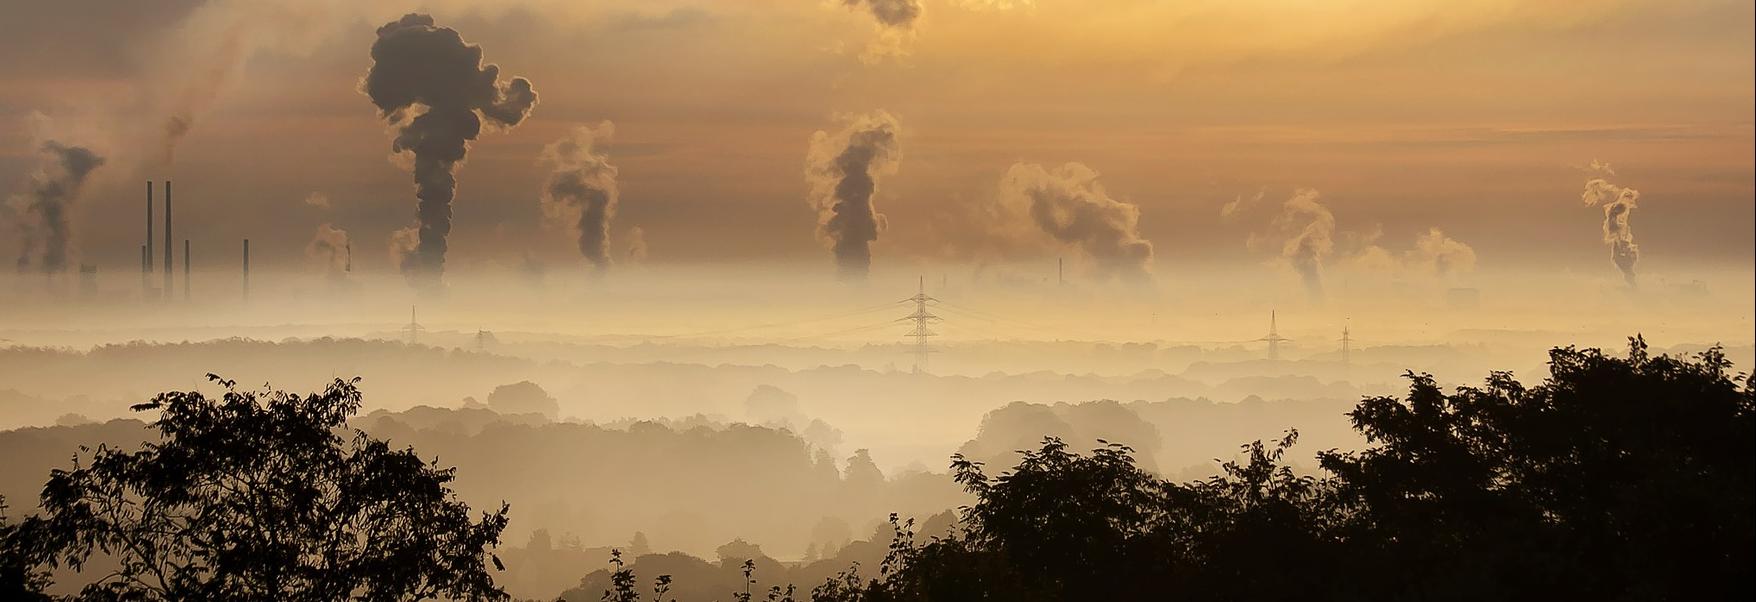 jak radzić sobie ze smogiem